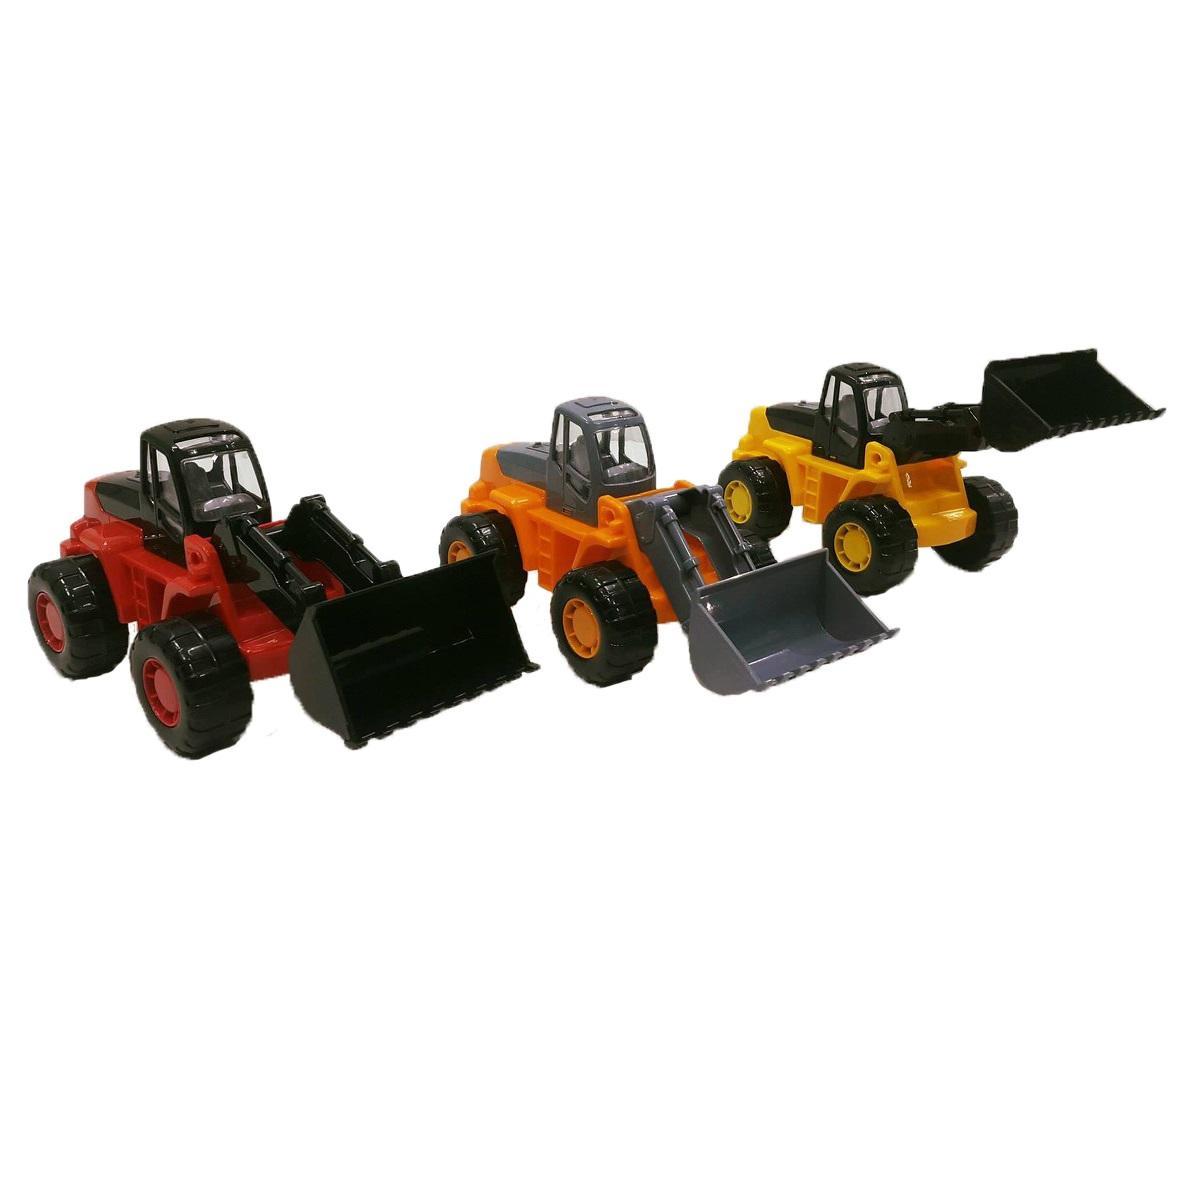 xe xúc lật Craft đồ chơi Polesie